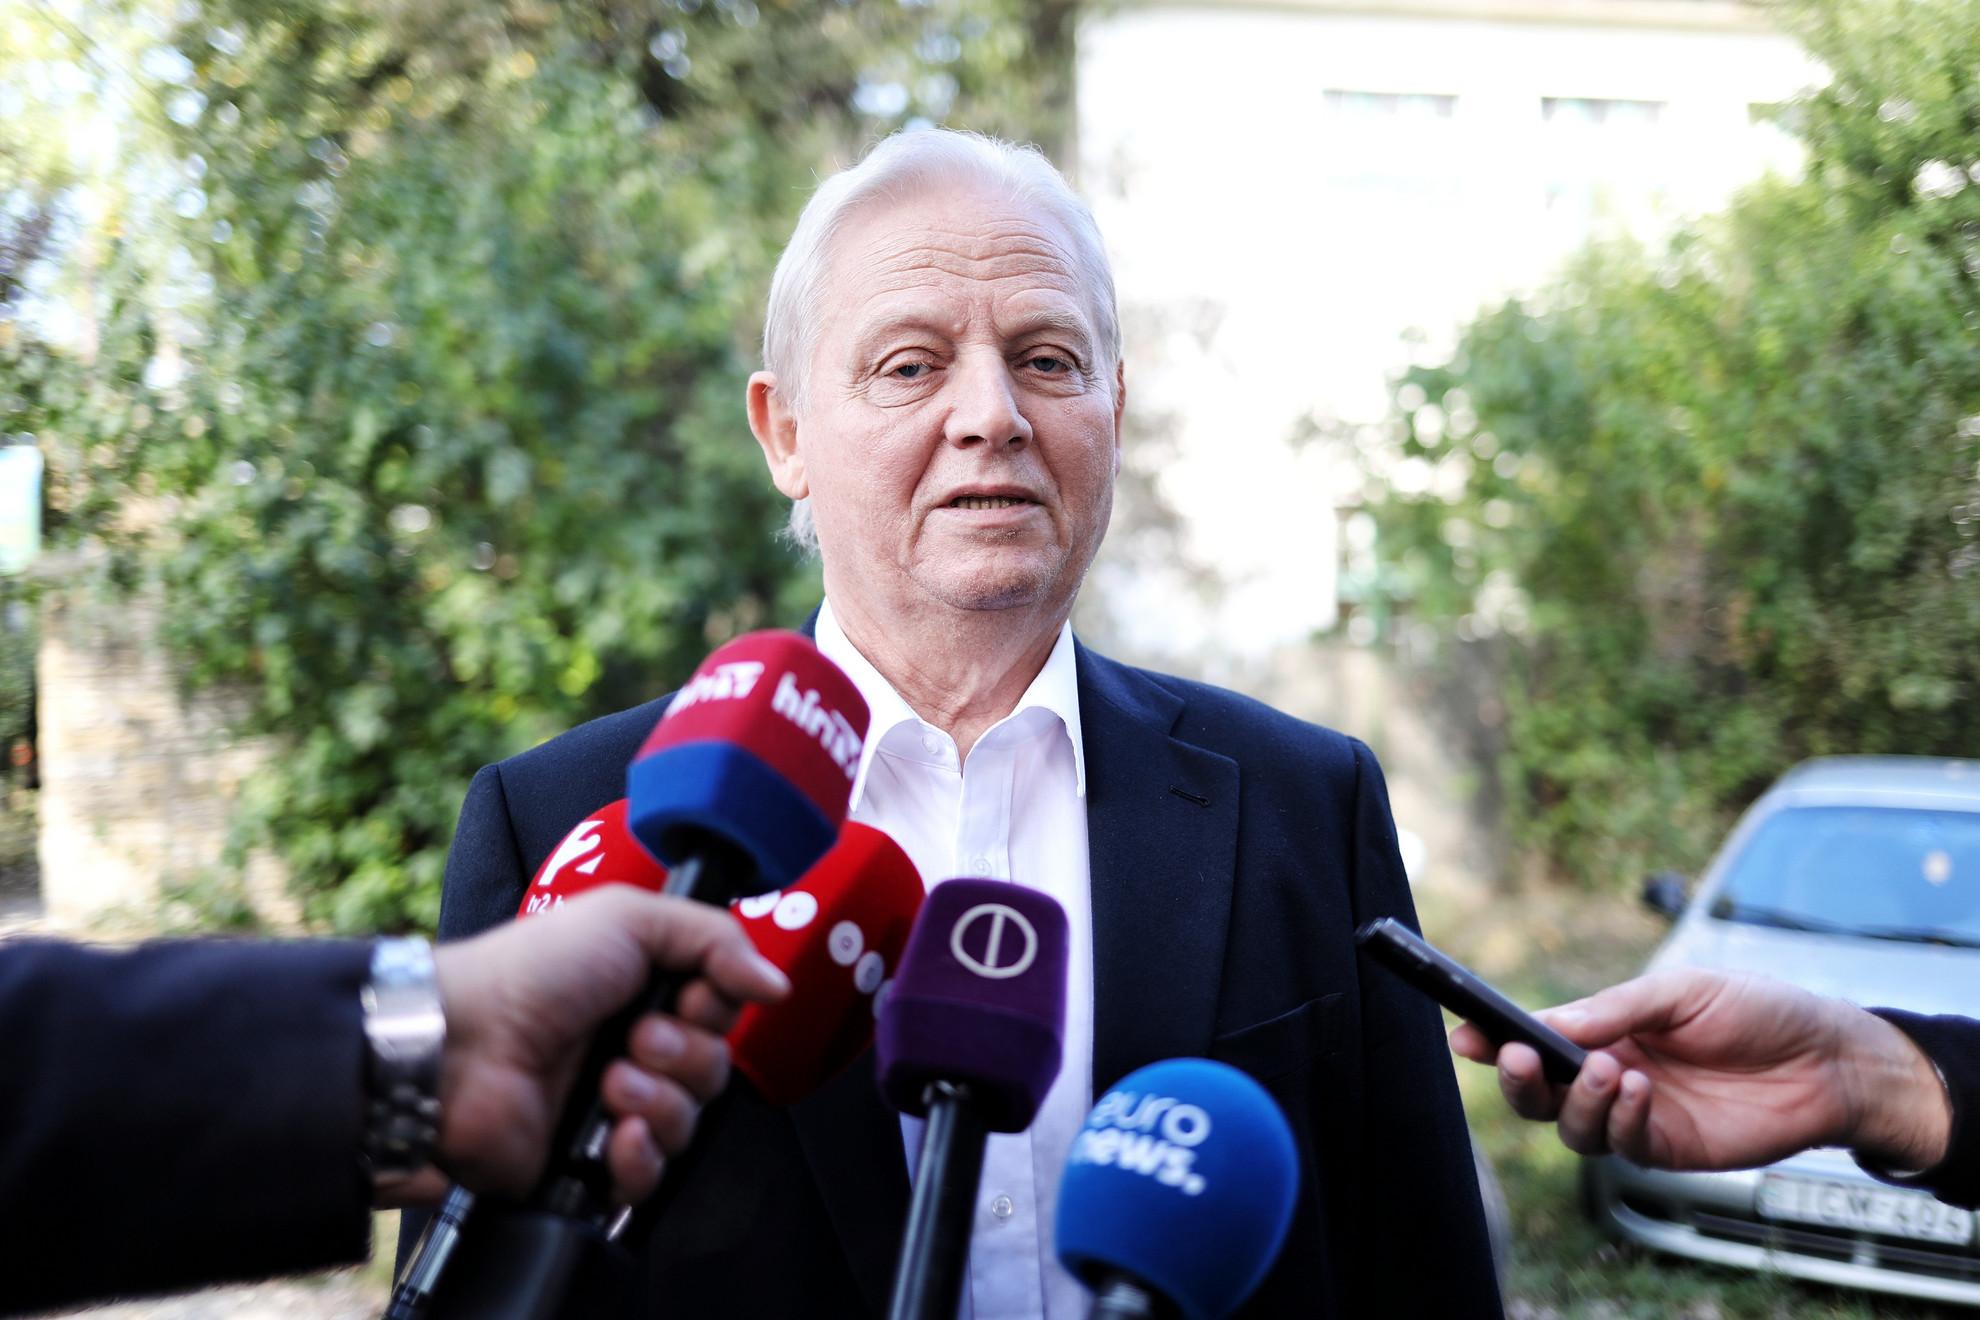 Tarlós István nyilatkozik a sajtó munkatársainak, miután szavazott az önkormányzati választáson